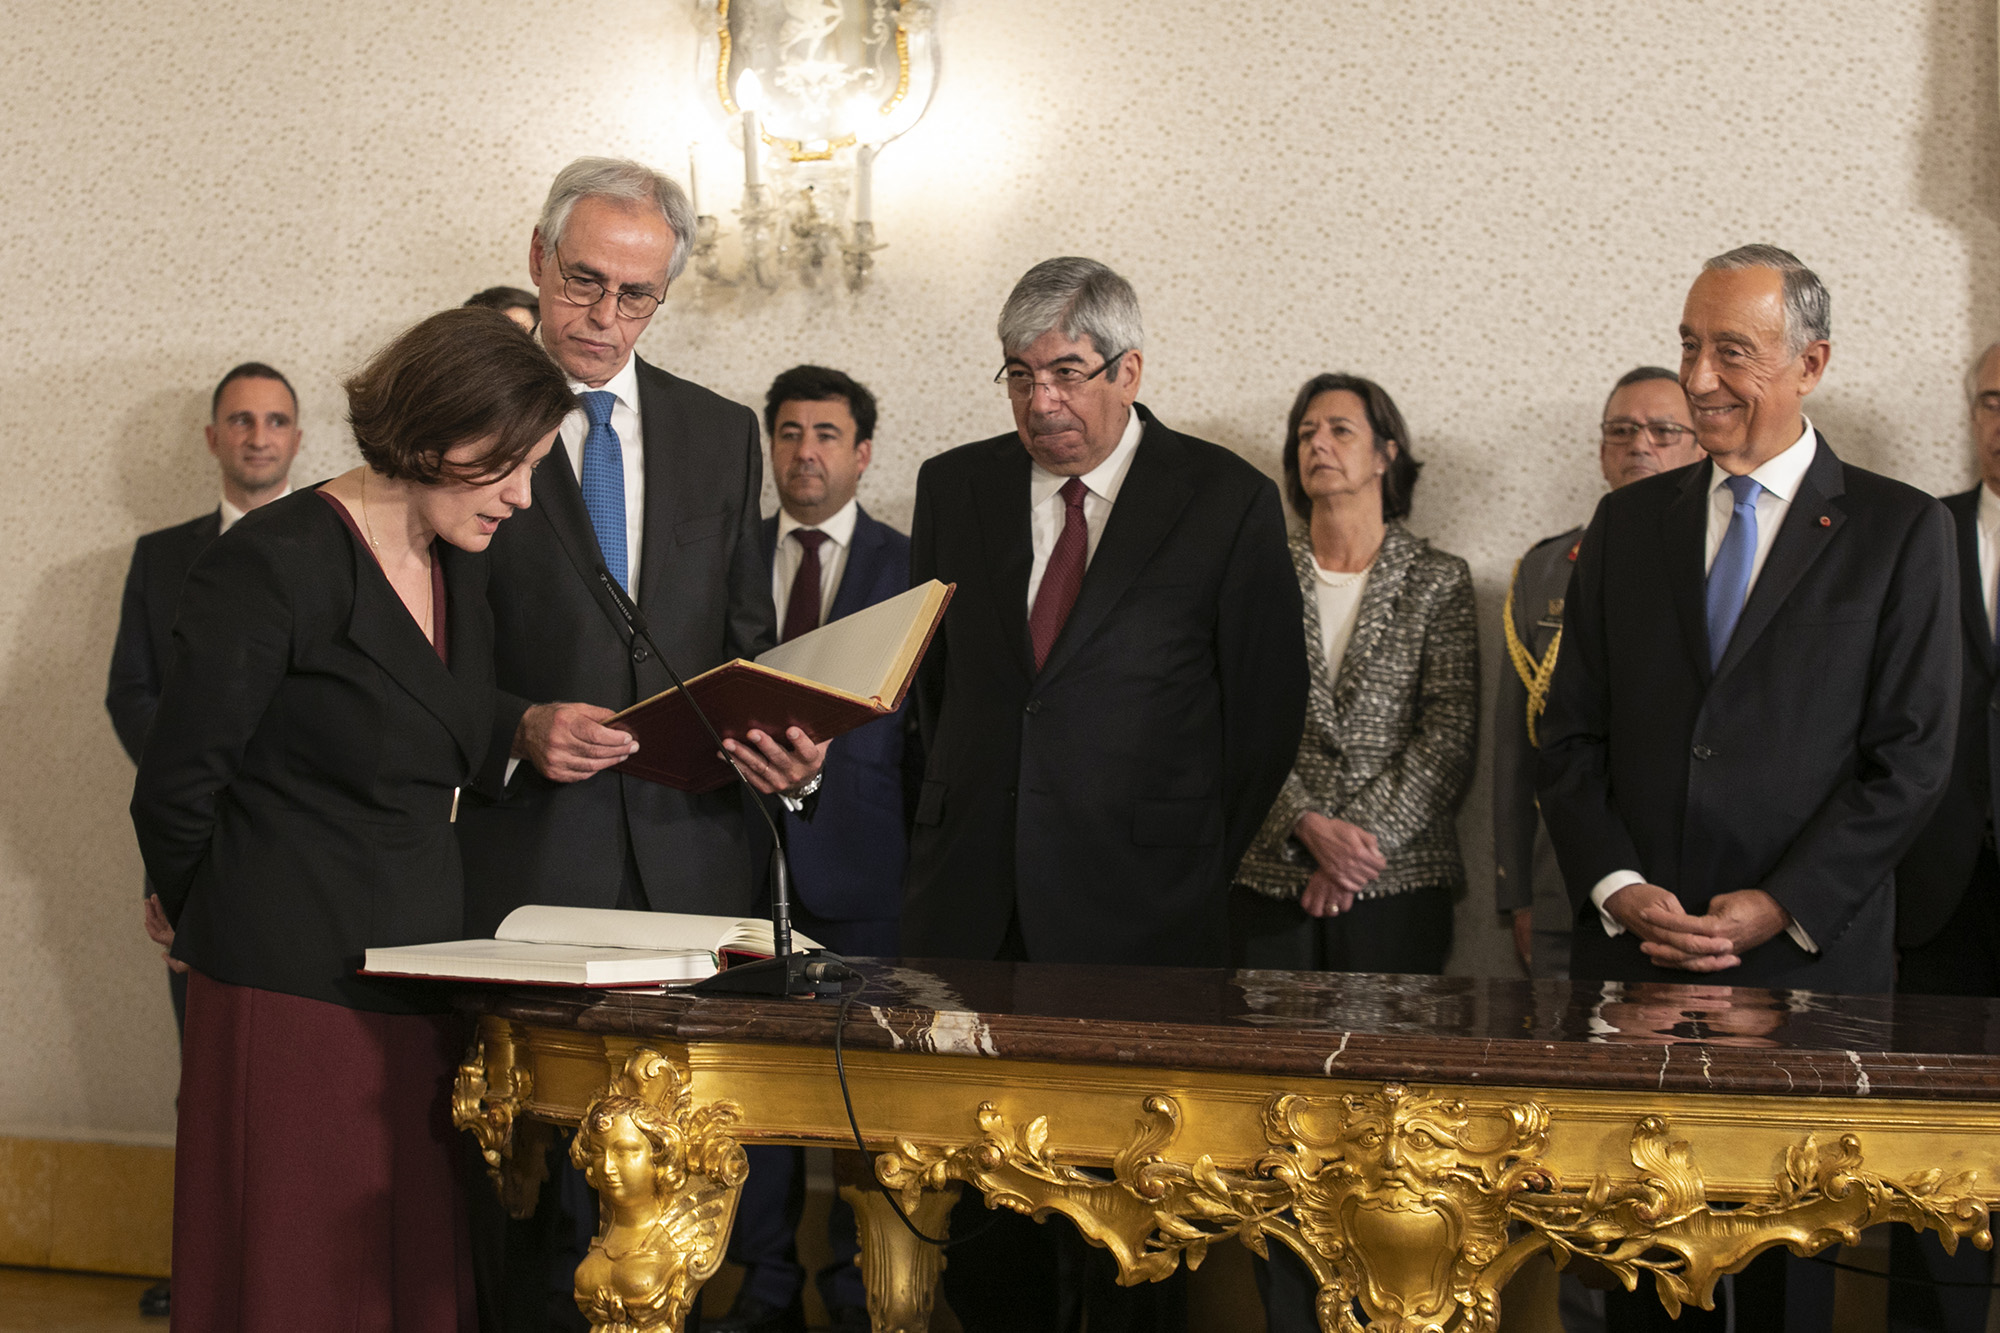 Tomada de posse dos novos elementos do XXI Governo Constitucional - 18FEV19